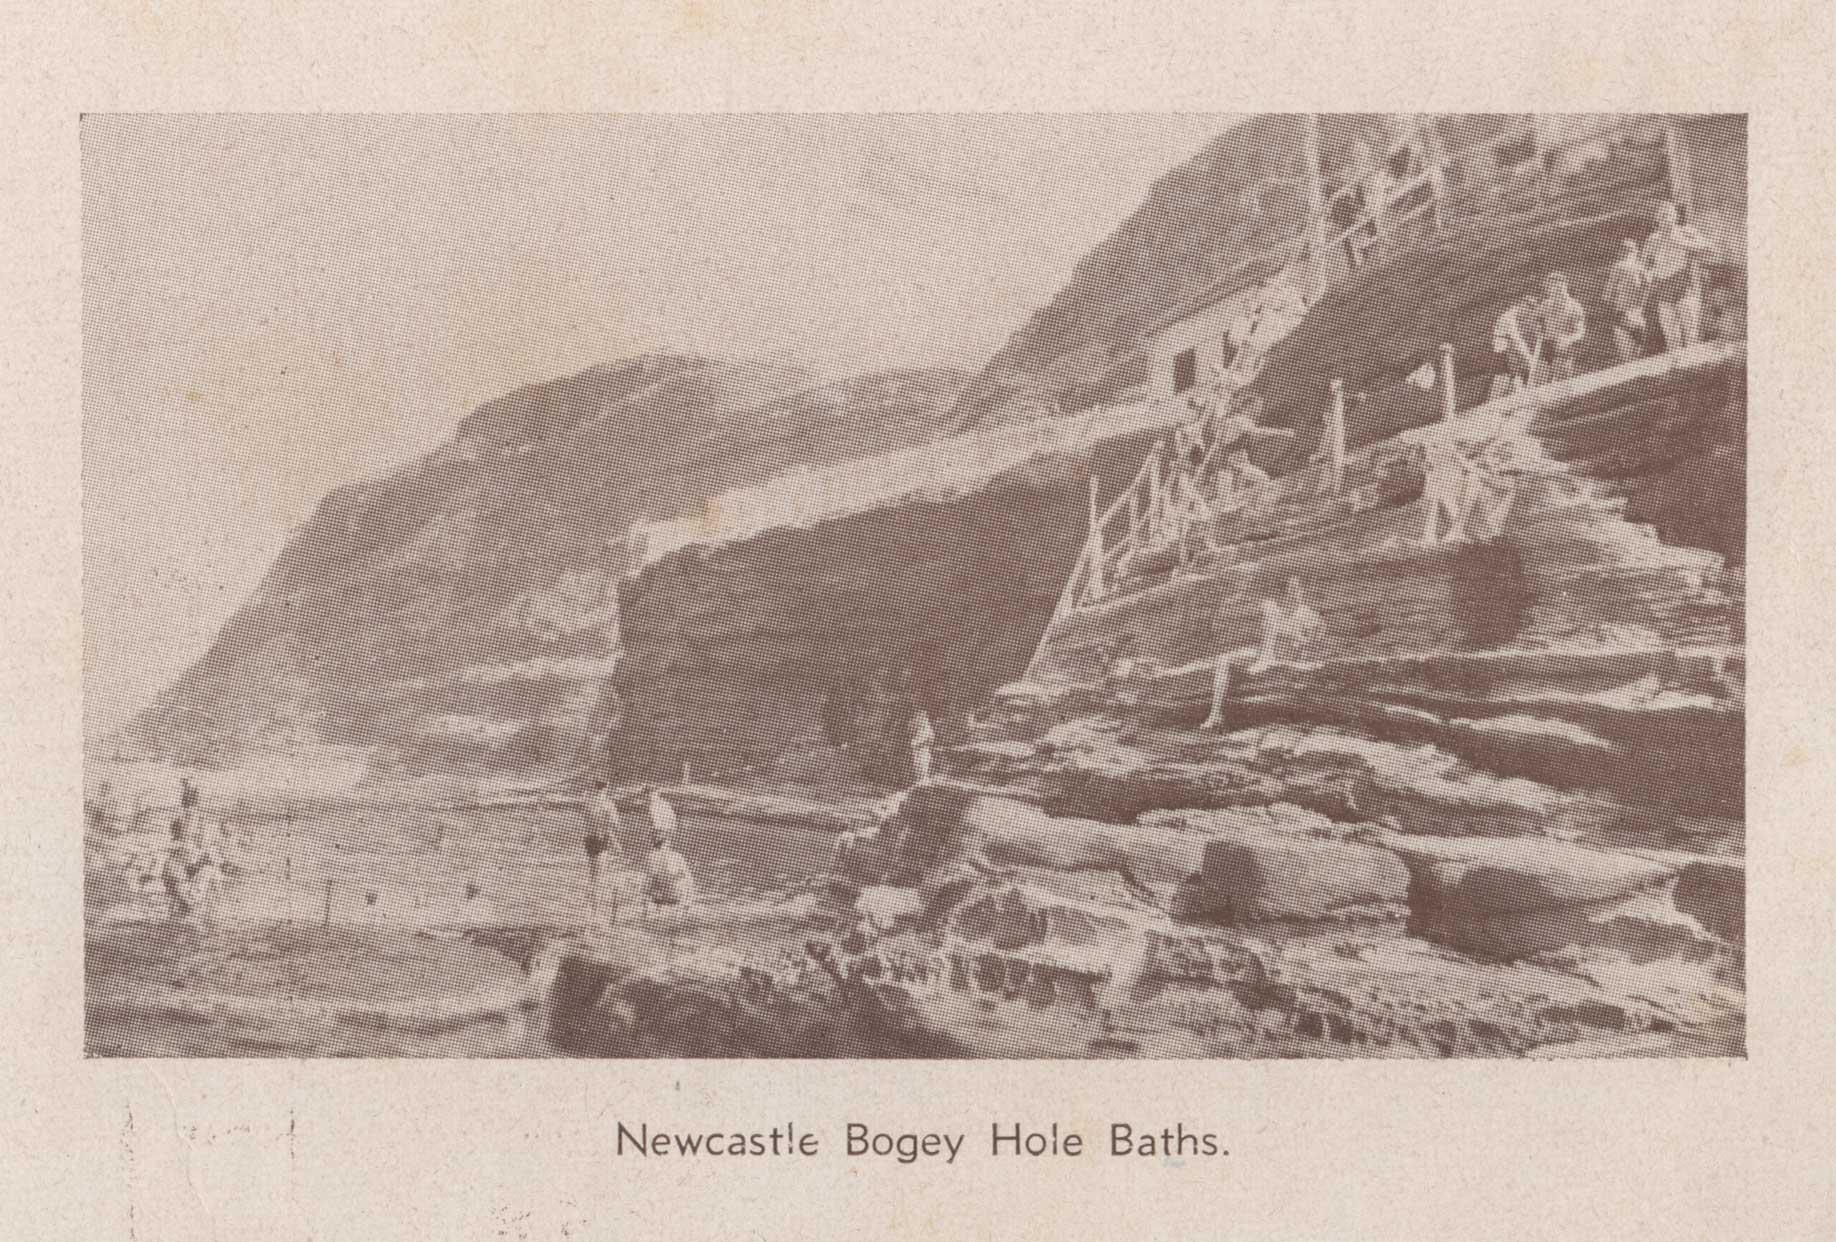 The Bogey Hole Baths (1938)